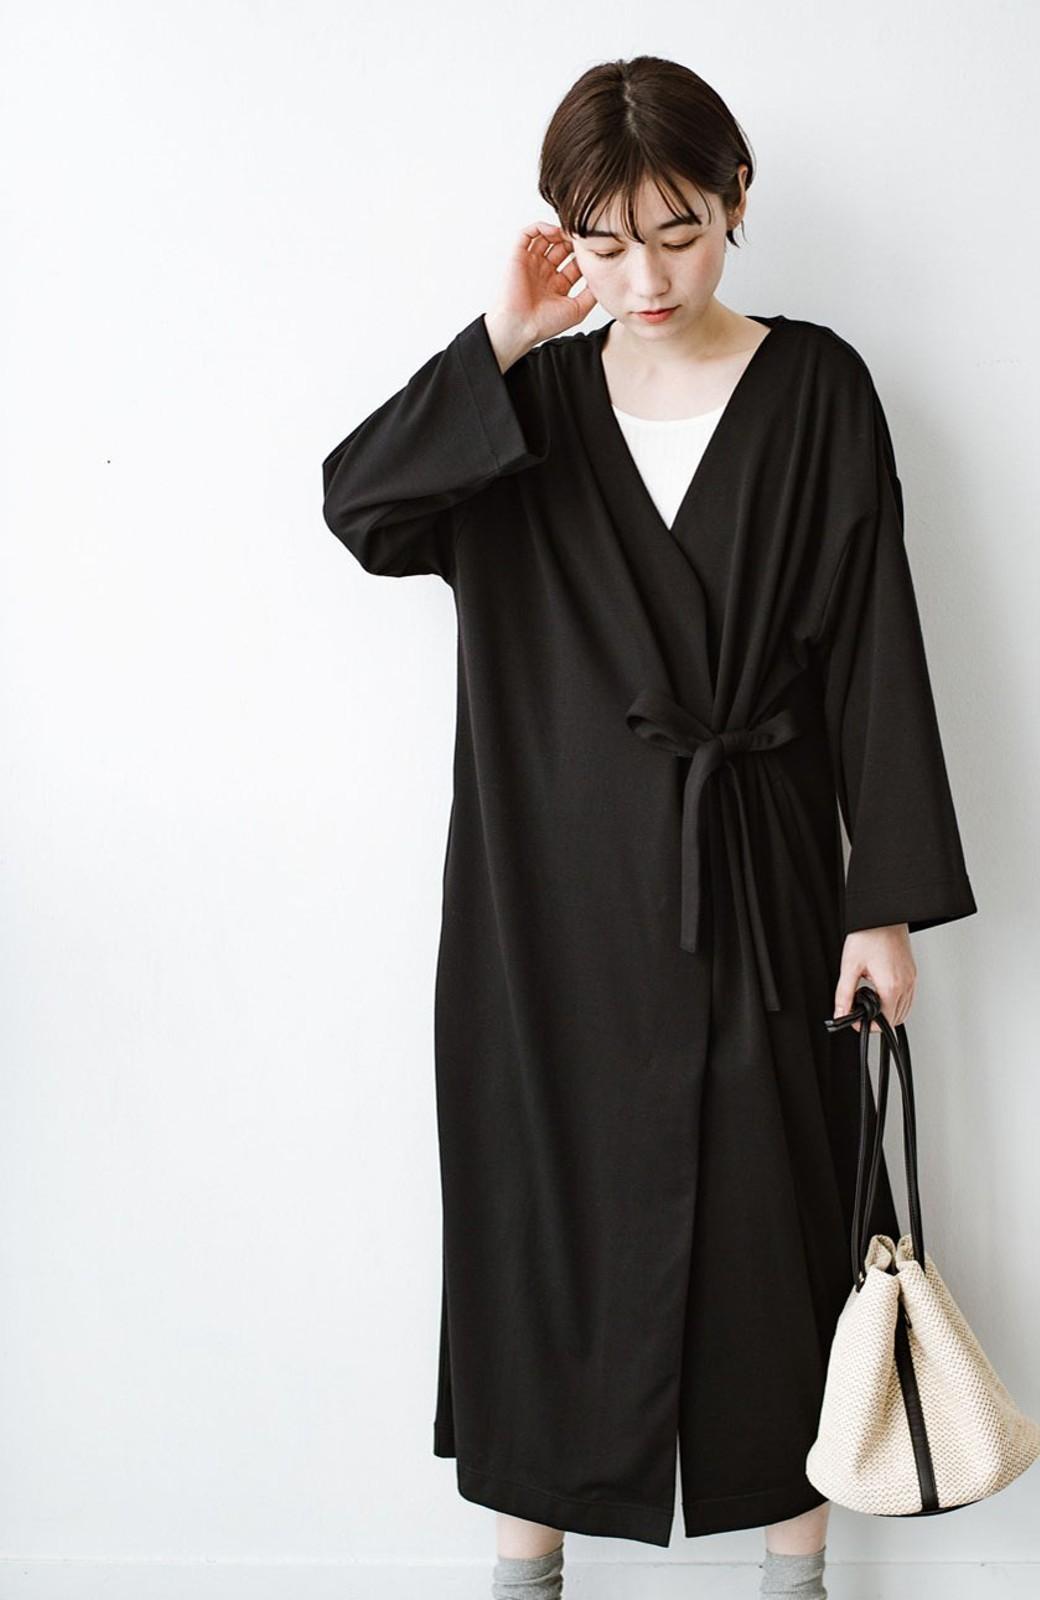 haco! サイドリボンと落ち感が女っぽい 羽織り&重ね着を楽しむカットソーワンピース <ブラック>の商品写真1